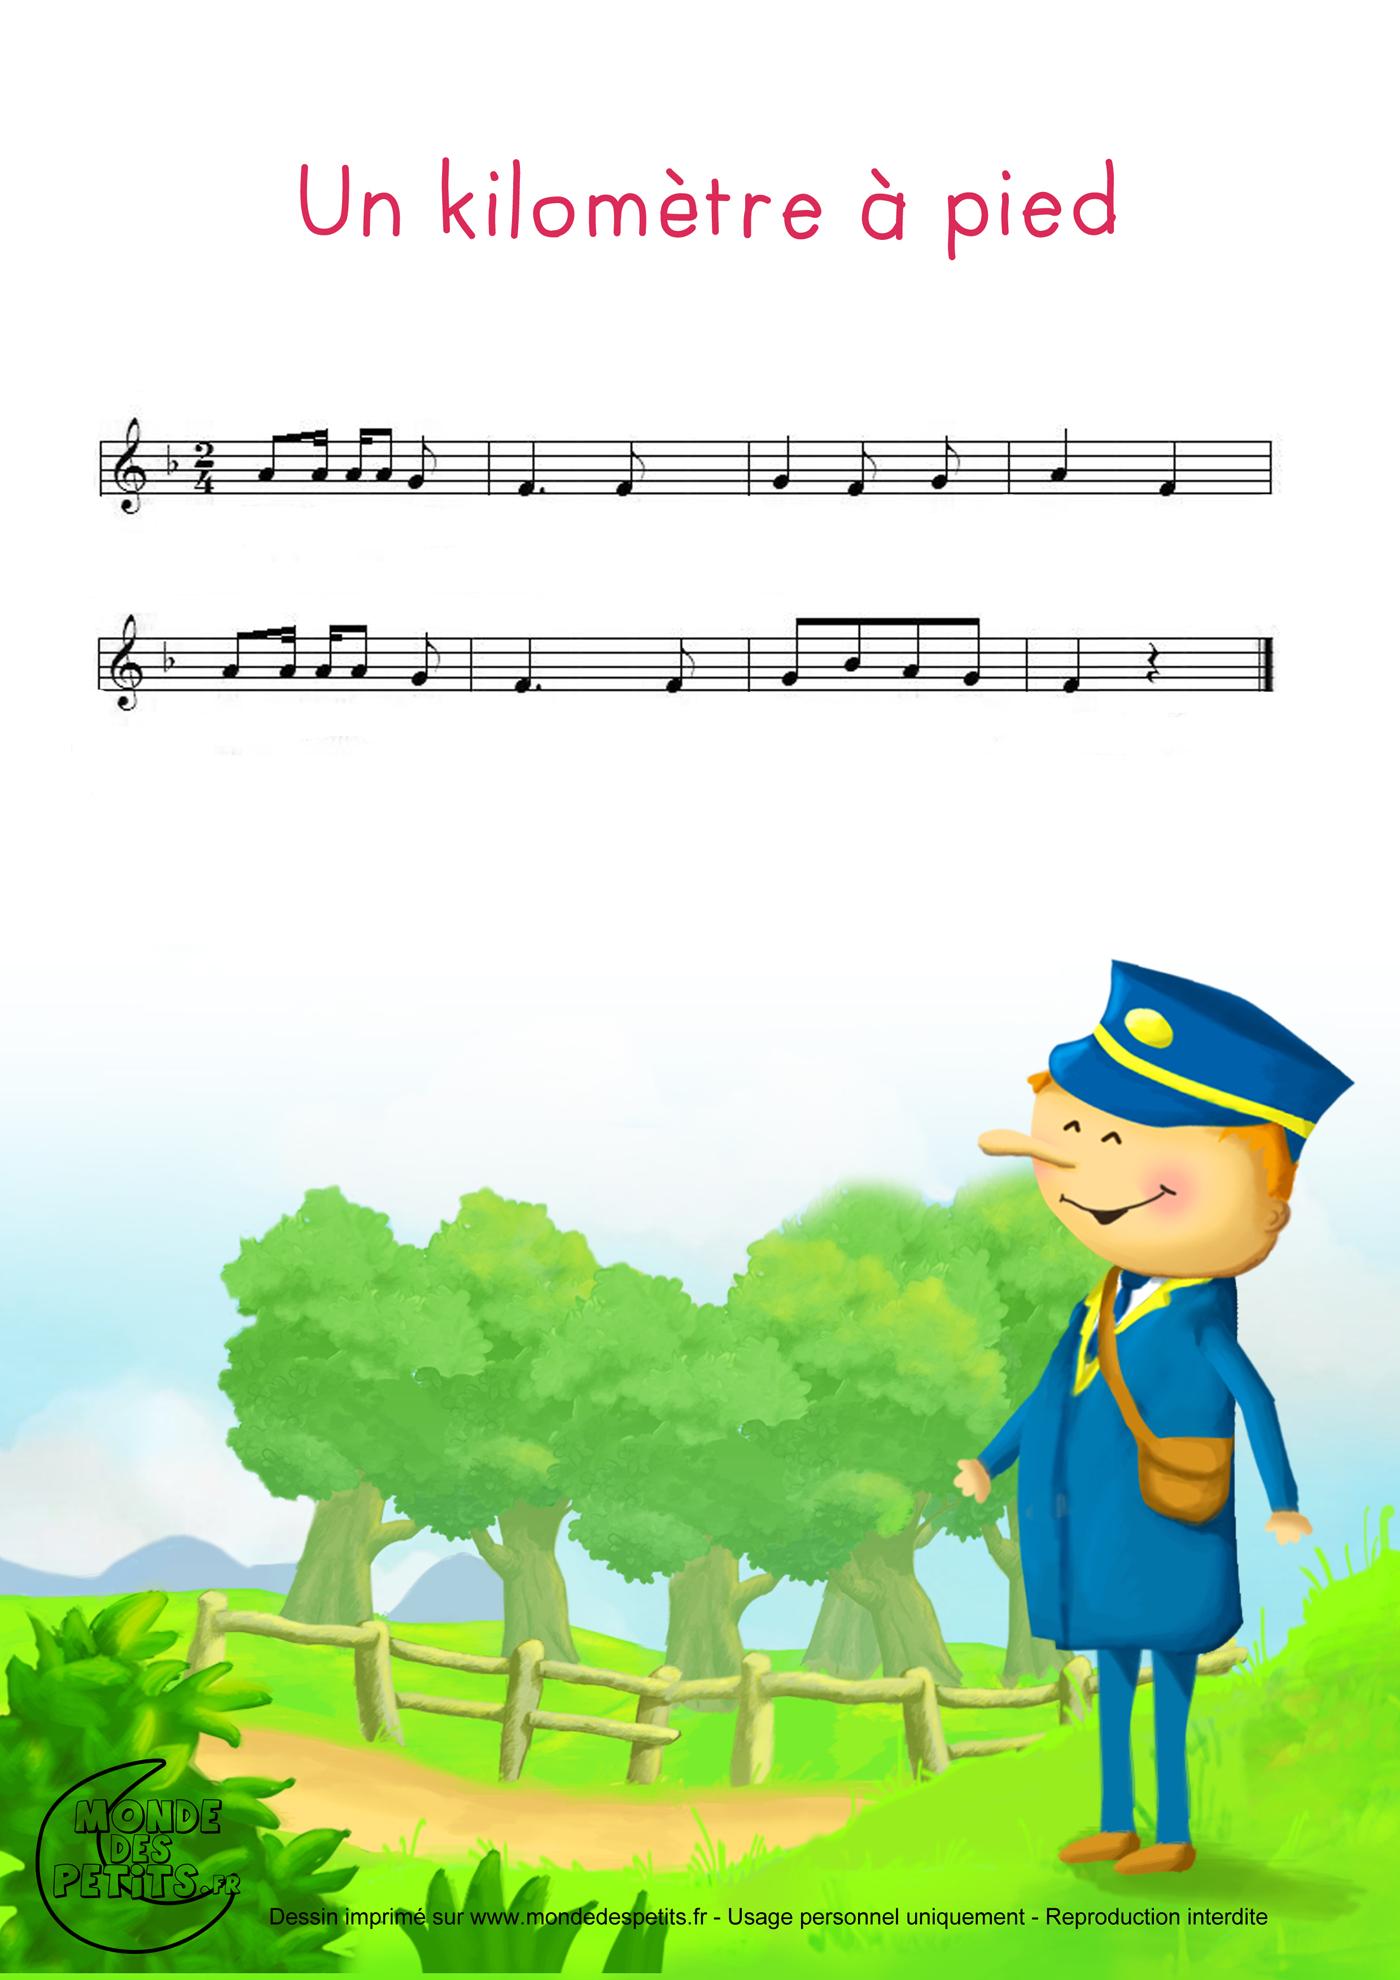 enfant, apprendre, comptine, chiffres, pied, soulier, kilometre, vidéo, chanson, partition,